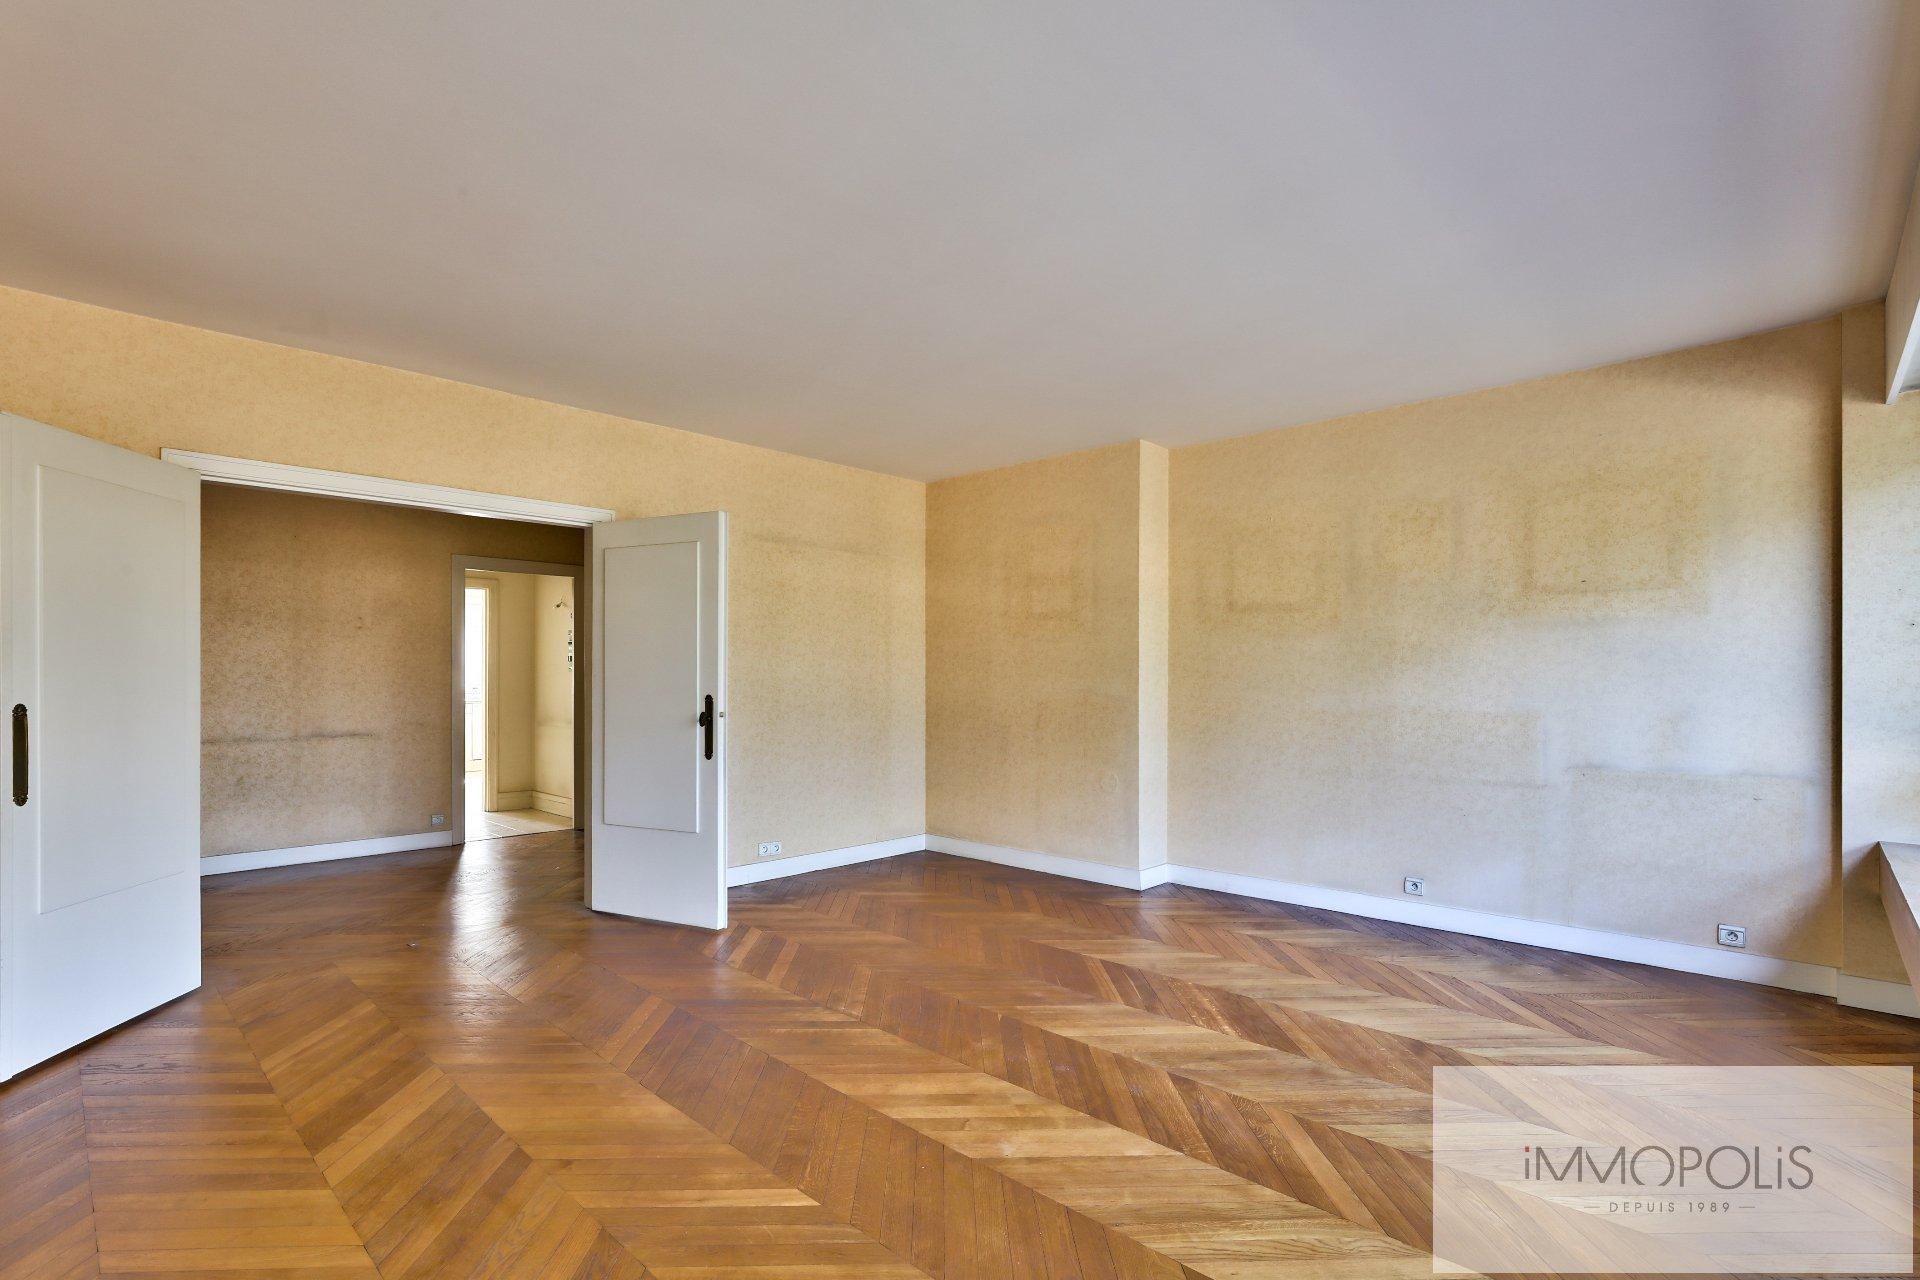 Appartement de 4 pièces à rafraichir – Avenue de Saxe – Paris VII 4